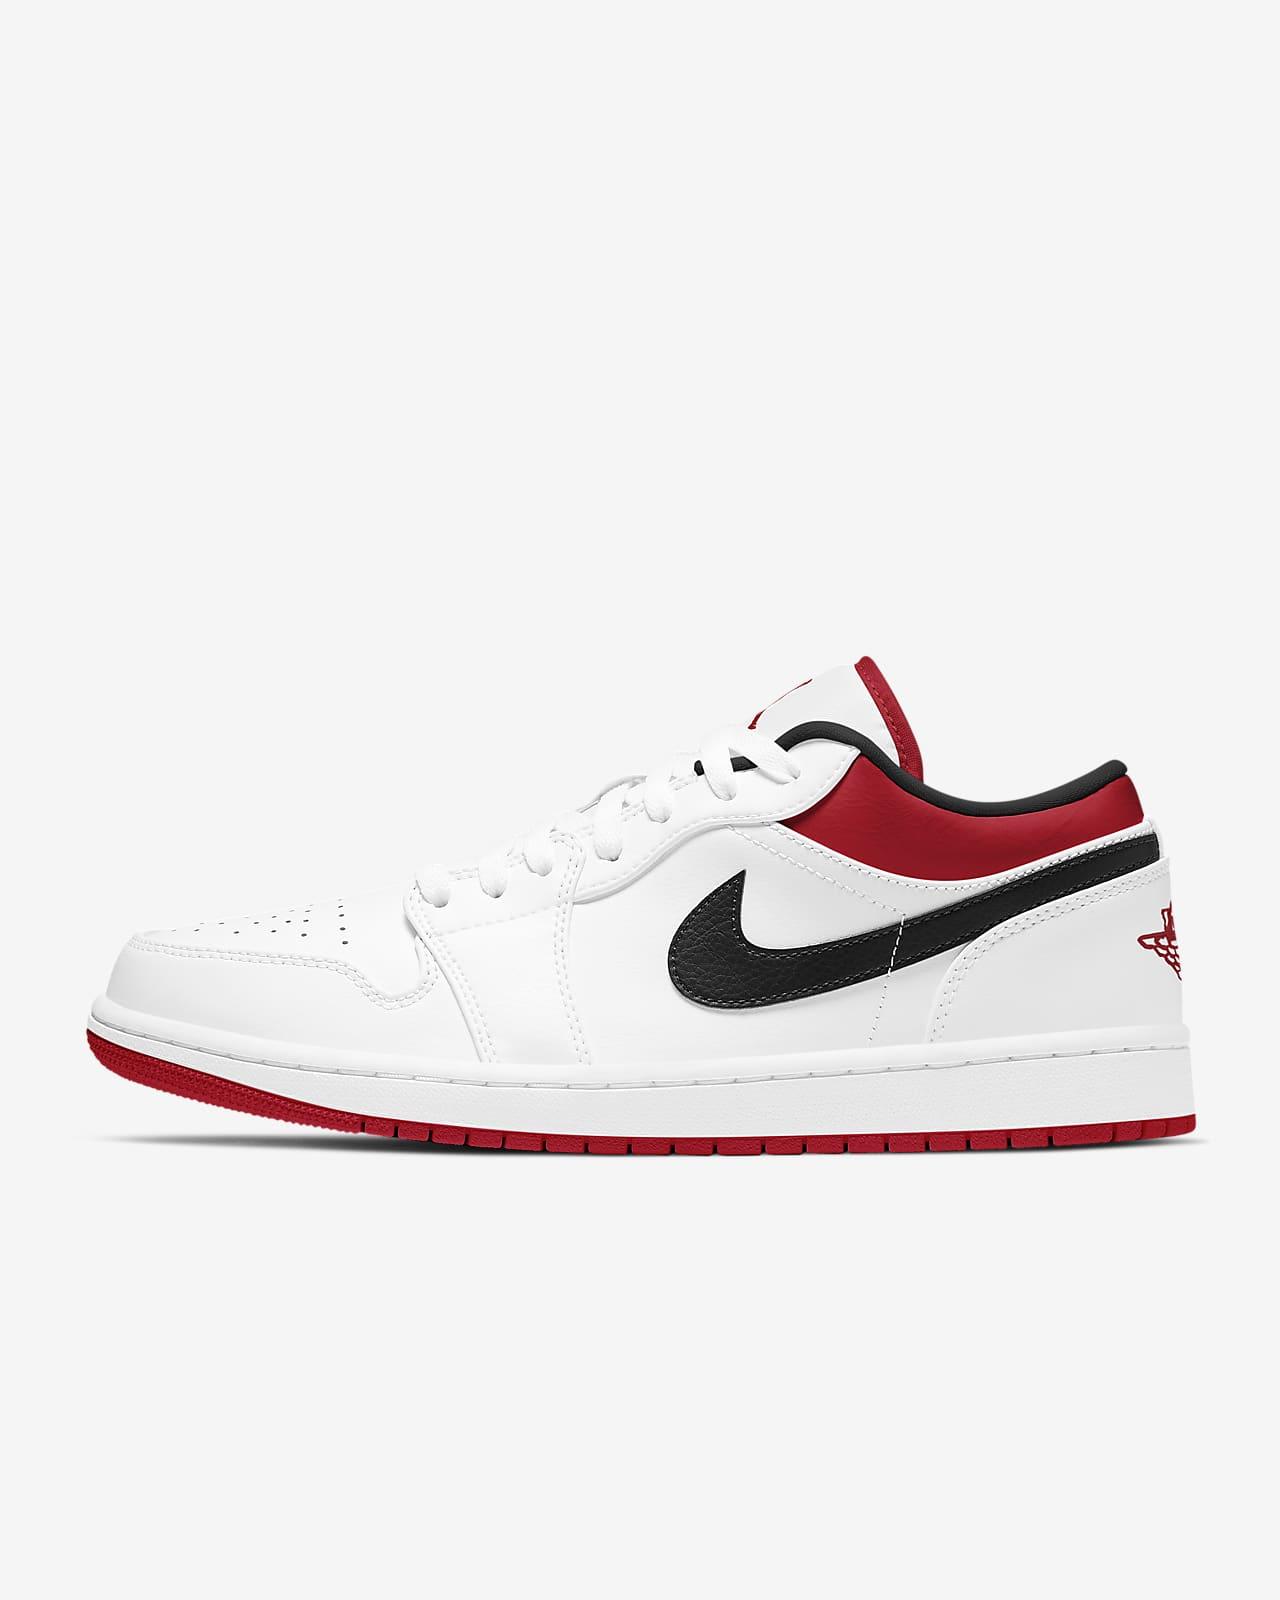 Παπούτσι Air Jordan 1 Low